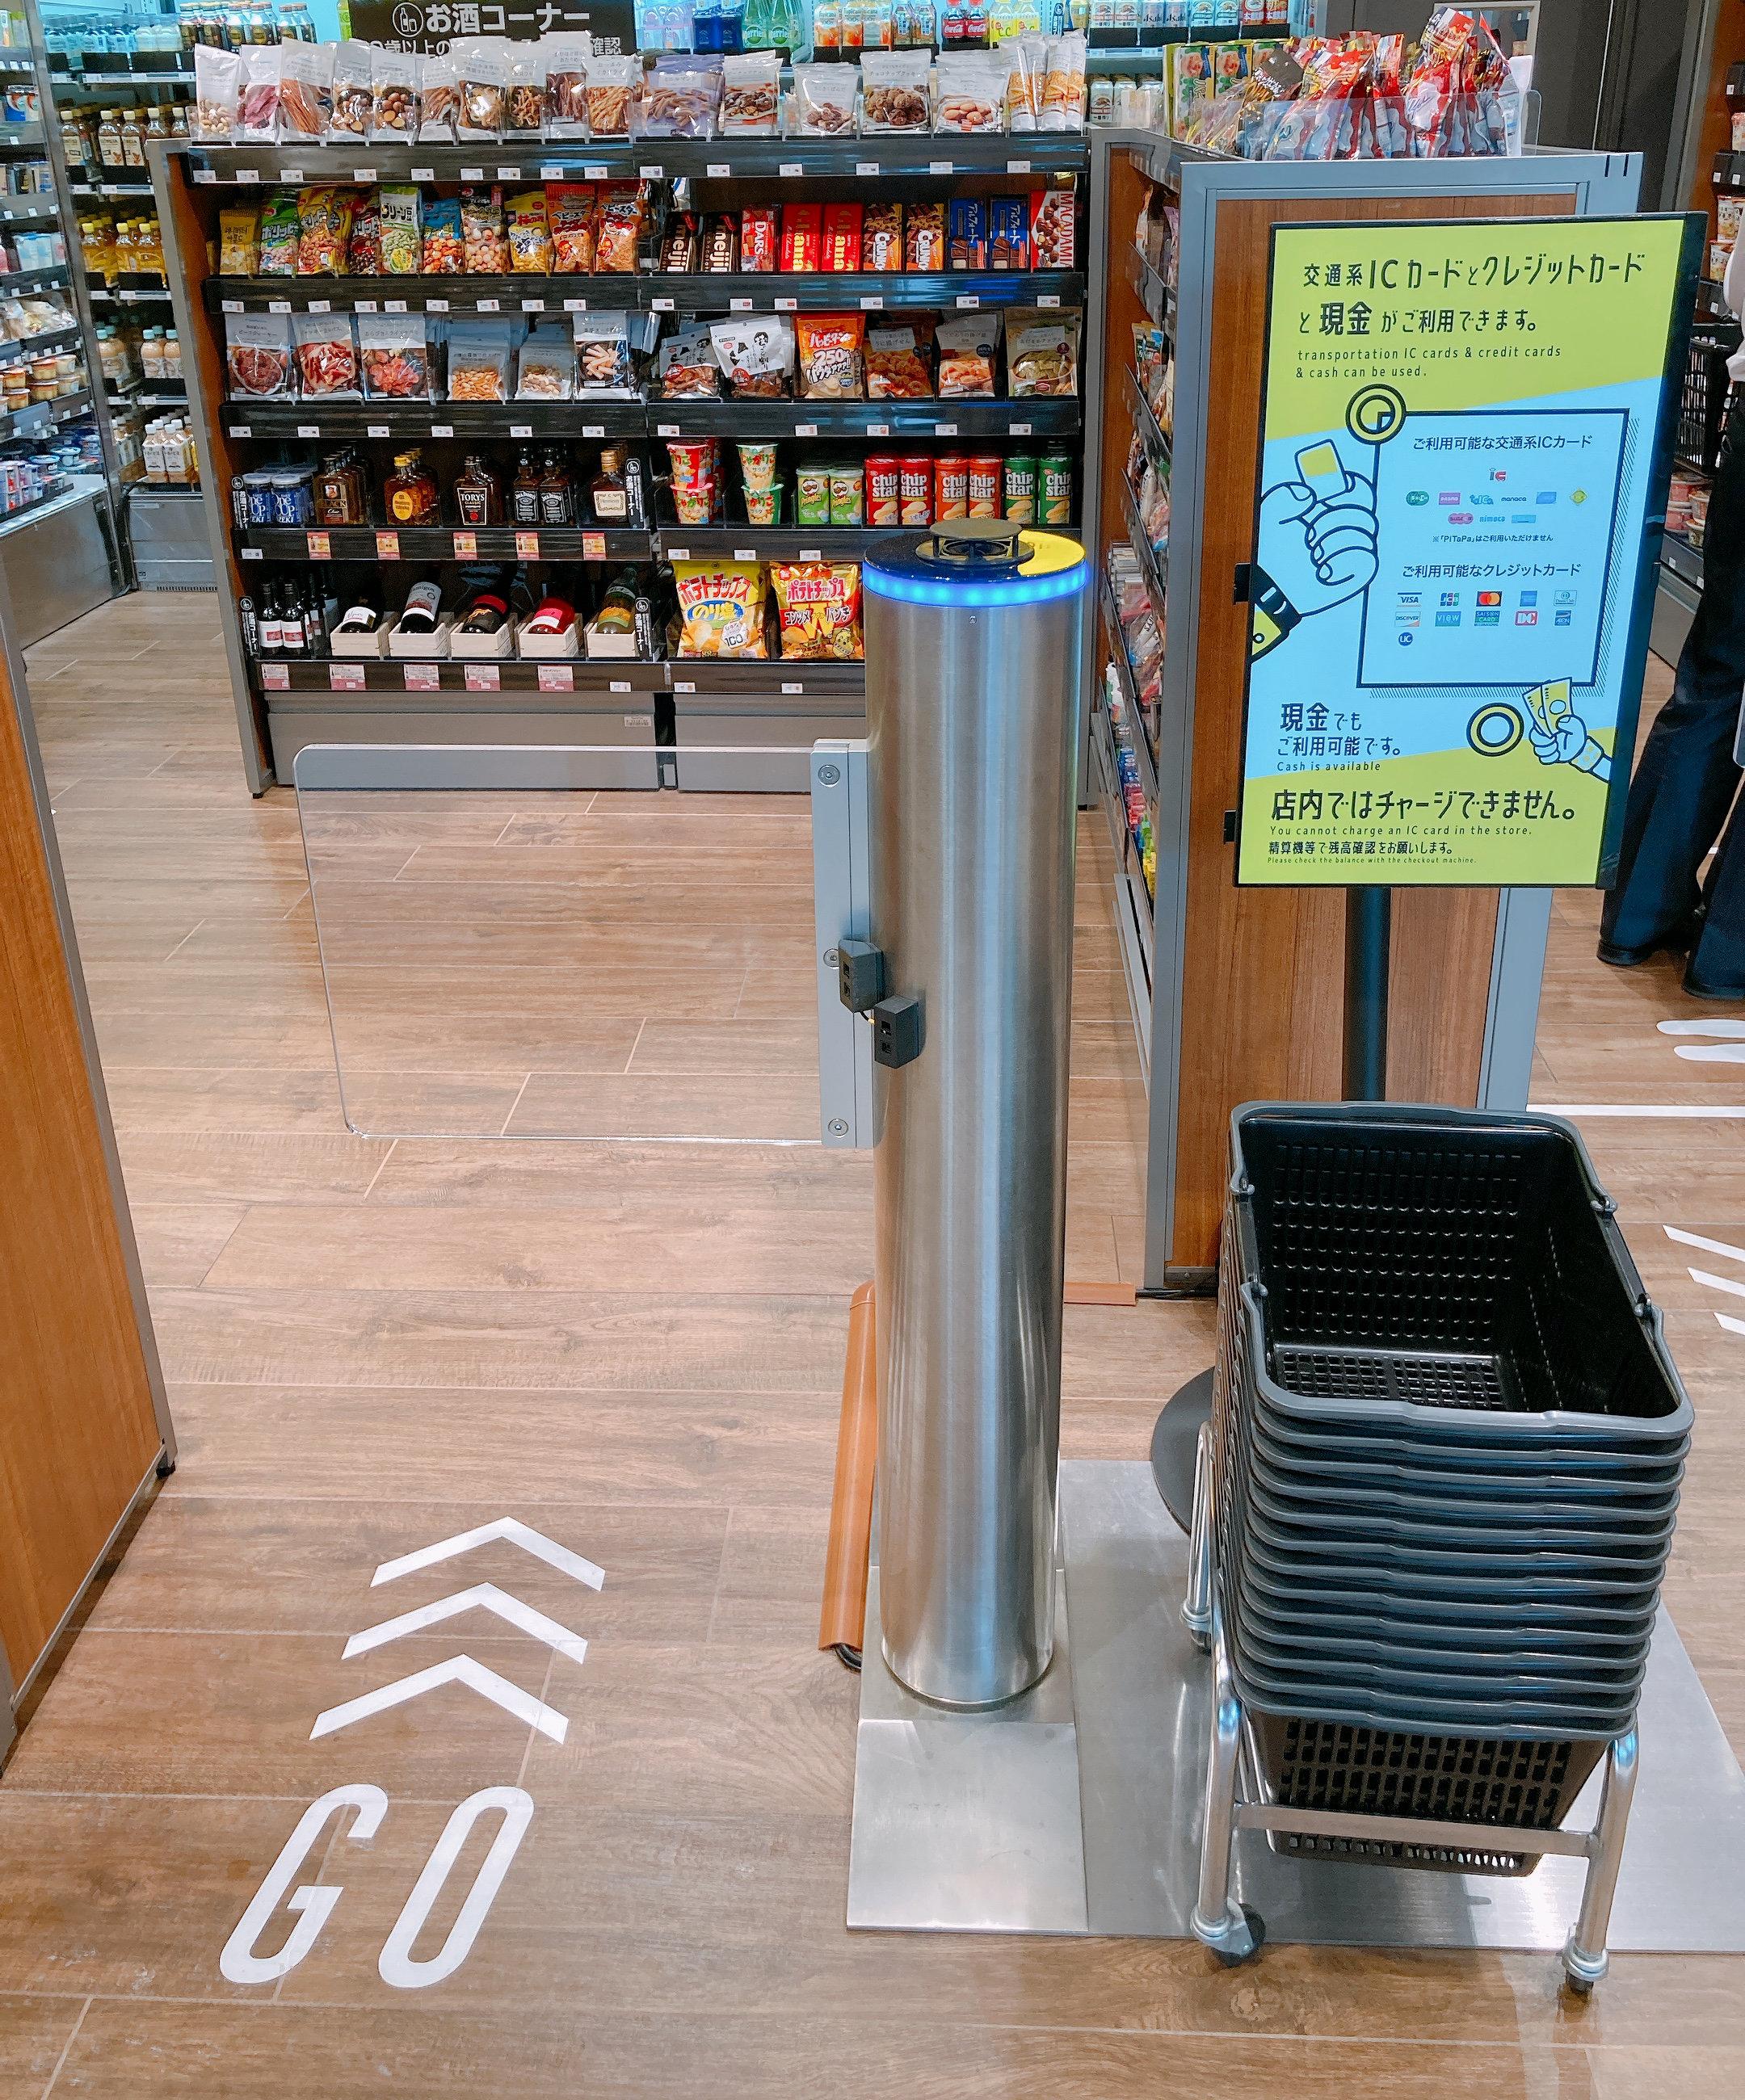 """Trải nghiệm mua sắm tại """"cửa hàng tiện lợi không nhân viên"""" đầu tiên được ứng dụng tại Nhật Bản - Ảnh 2."""